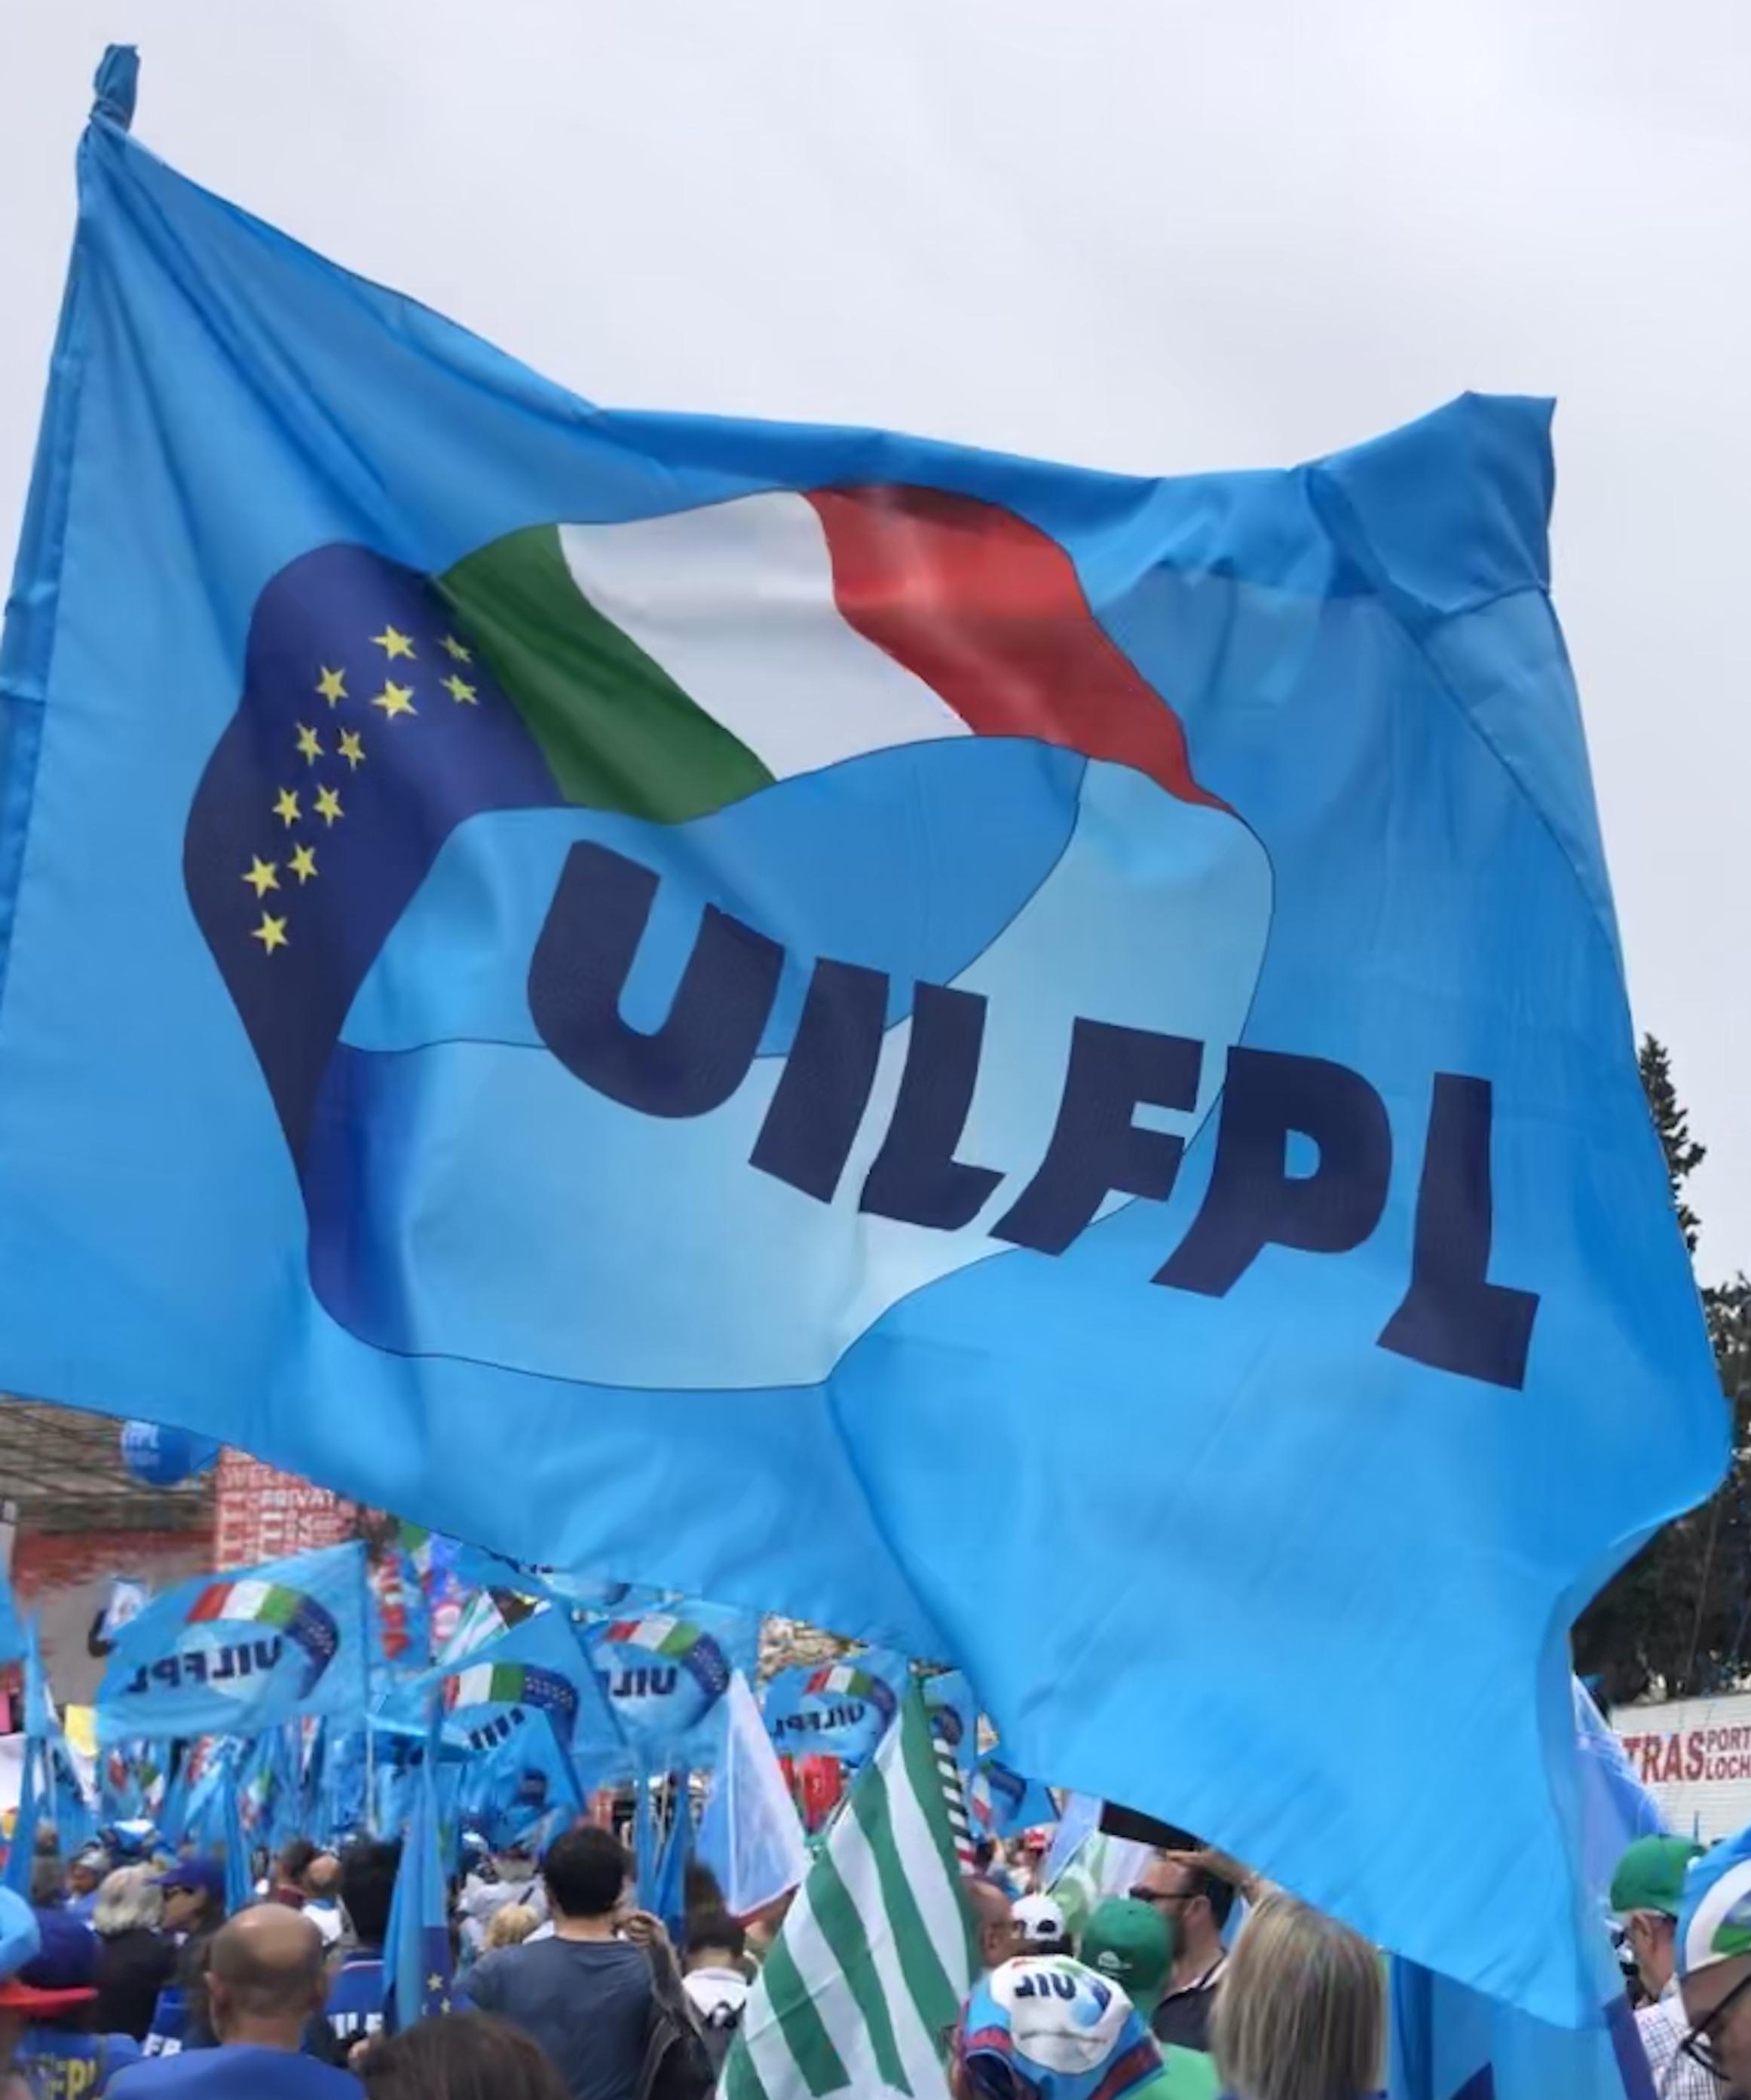 La Segreteria Regionale UIL FPL Milano e Lombardia diffida tutte le Direzioni Generali di tutte le strutture sanitarie pubbliche e private